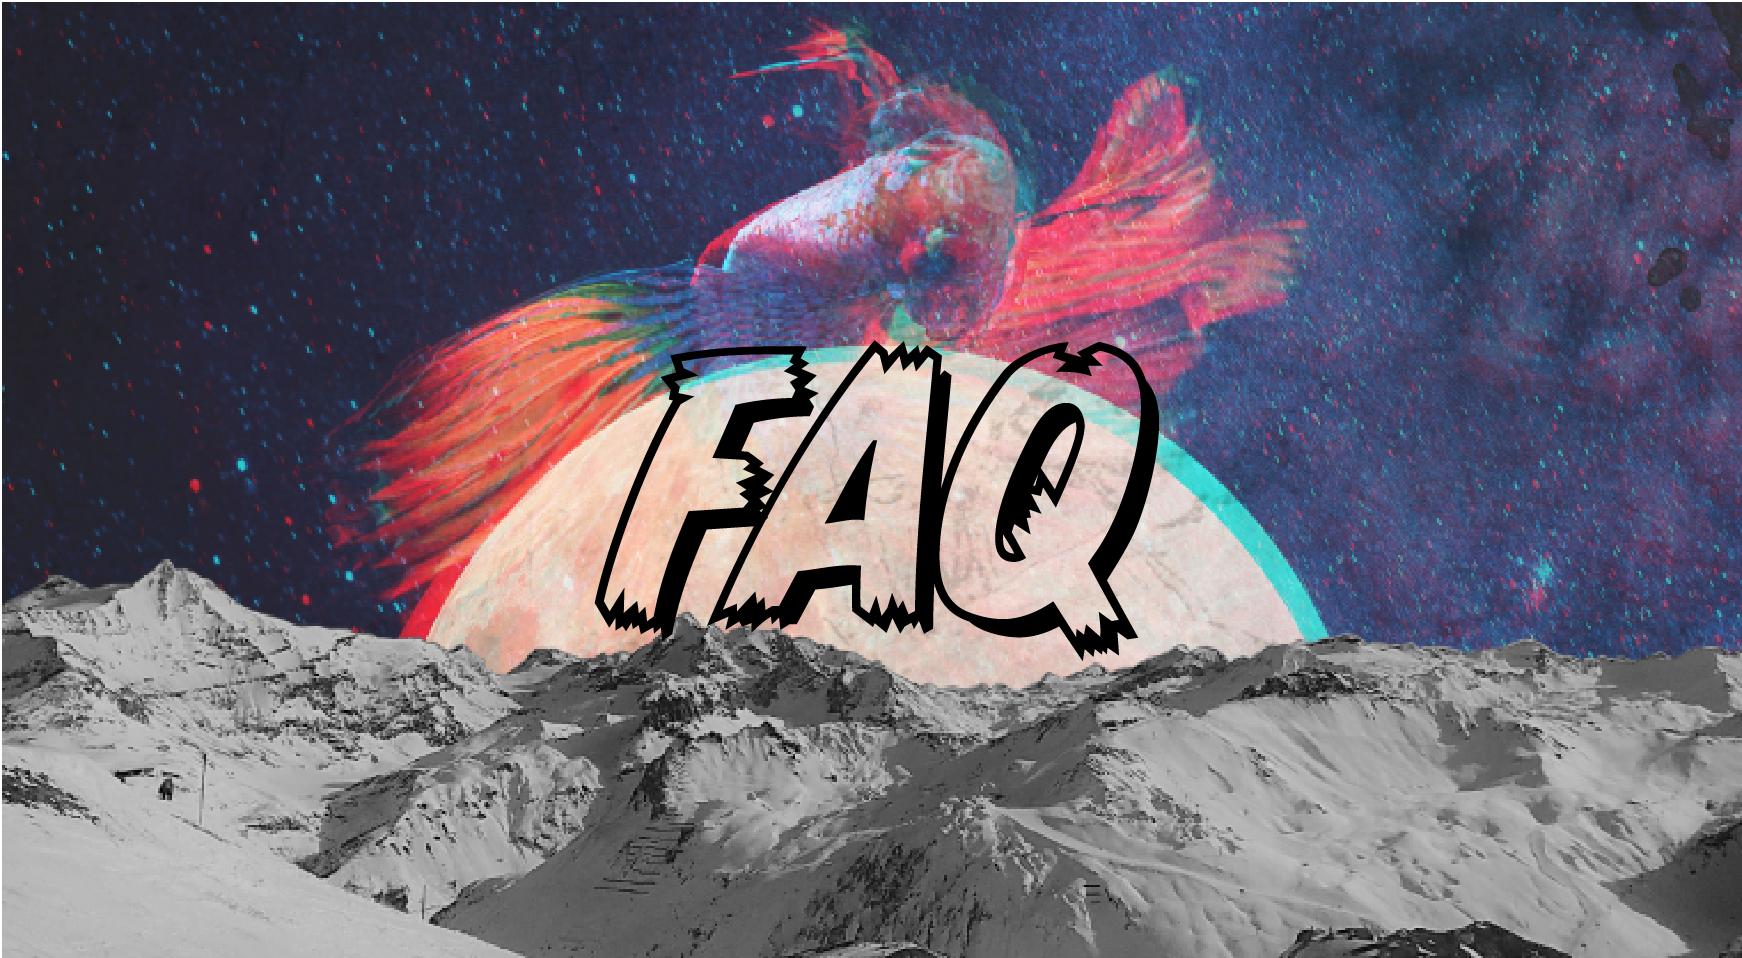 Page d'accueilde la Foire aux questions il y a une photo de montagne baignant au fond d'un océan coloré.